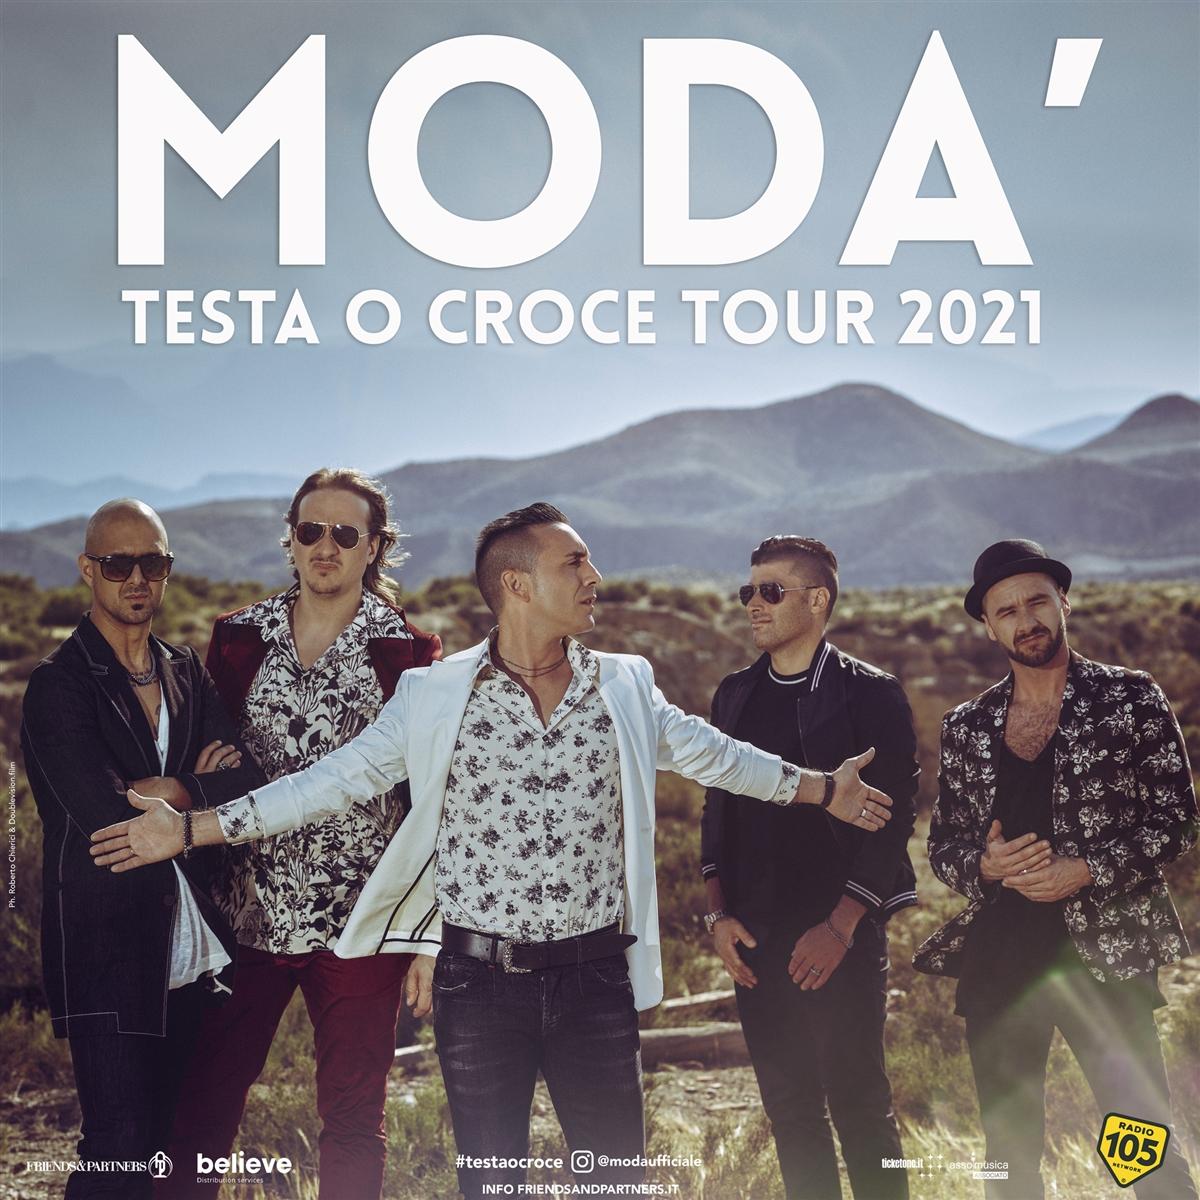 TESTA O CROCE TOUR